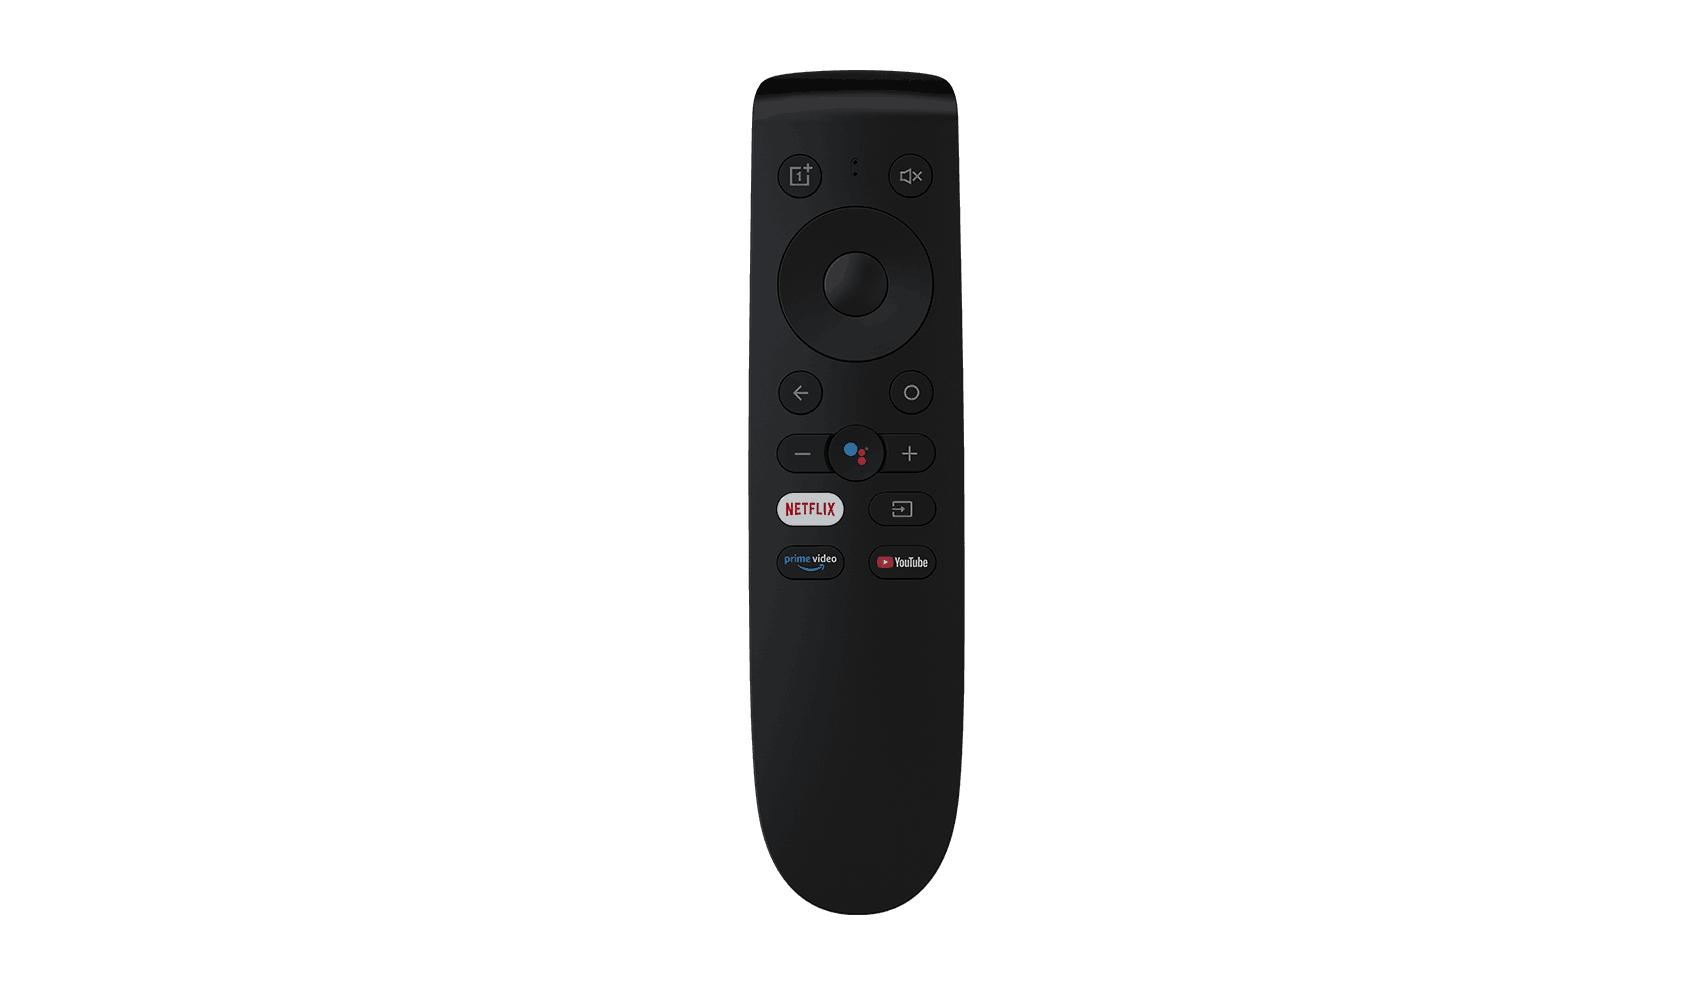 OnePlus Netflix Remote 02